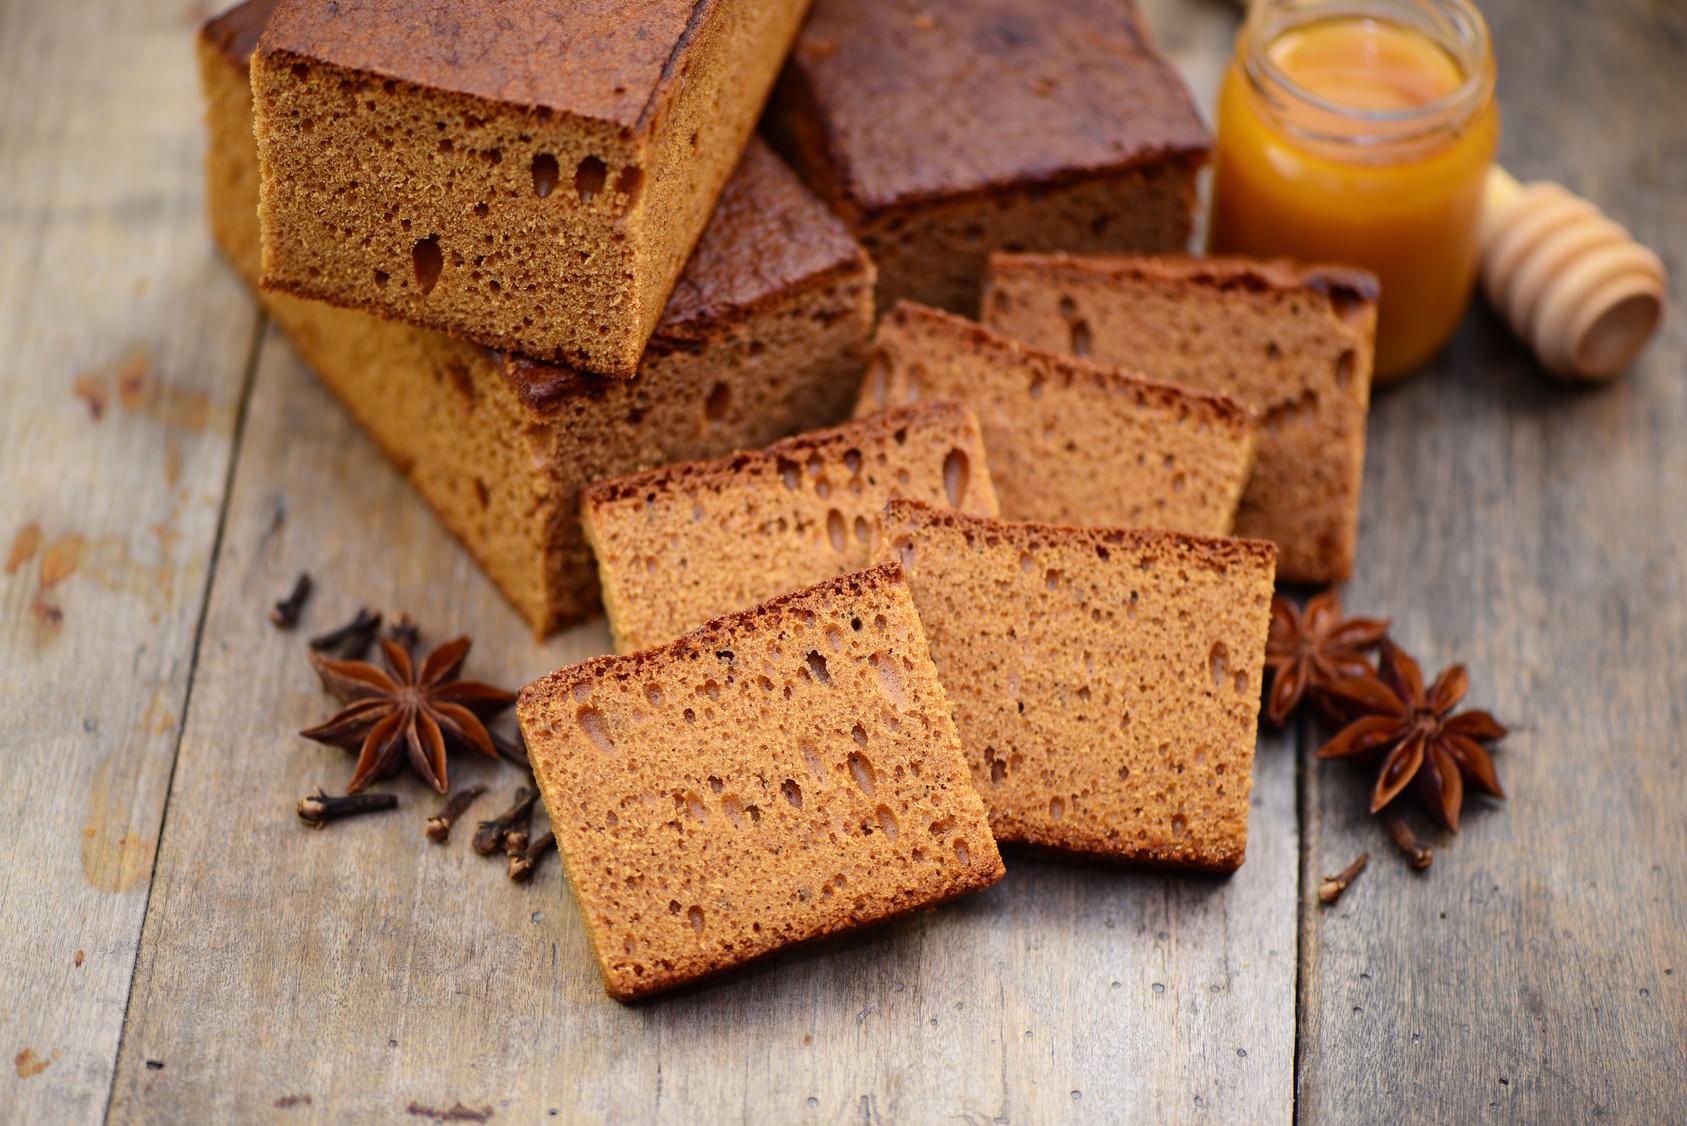 recette de pain d'épice avec farine prête ) l'emploi